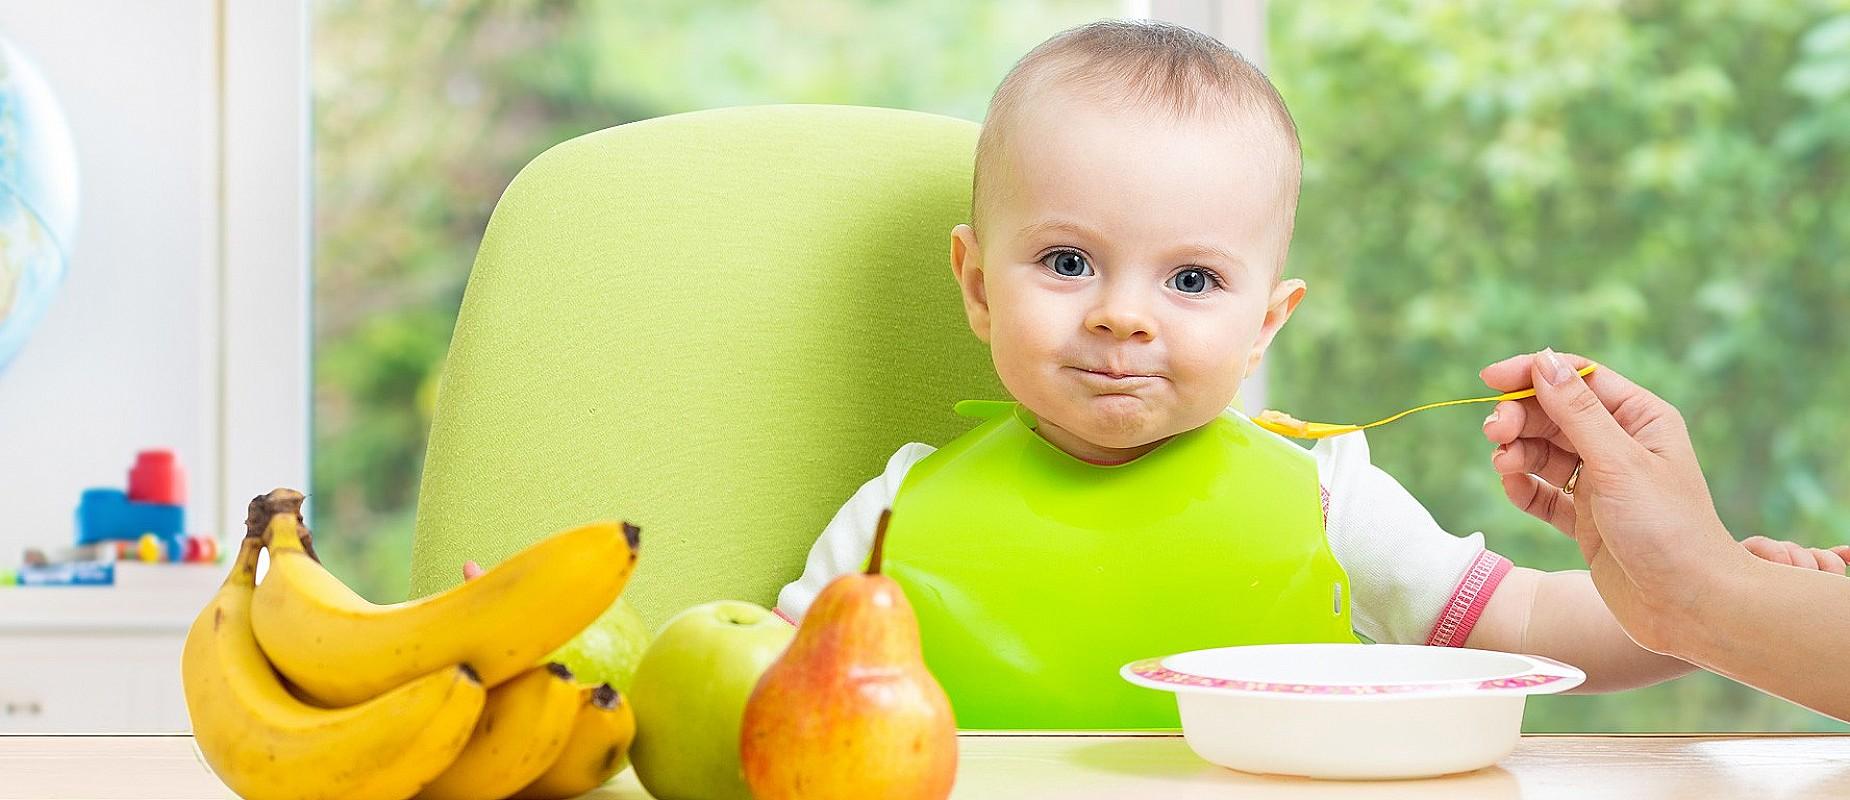 Ребенок до 1 года: 15 продуктов, которые могут навредить